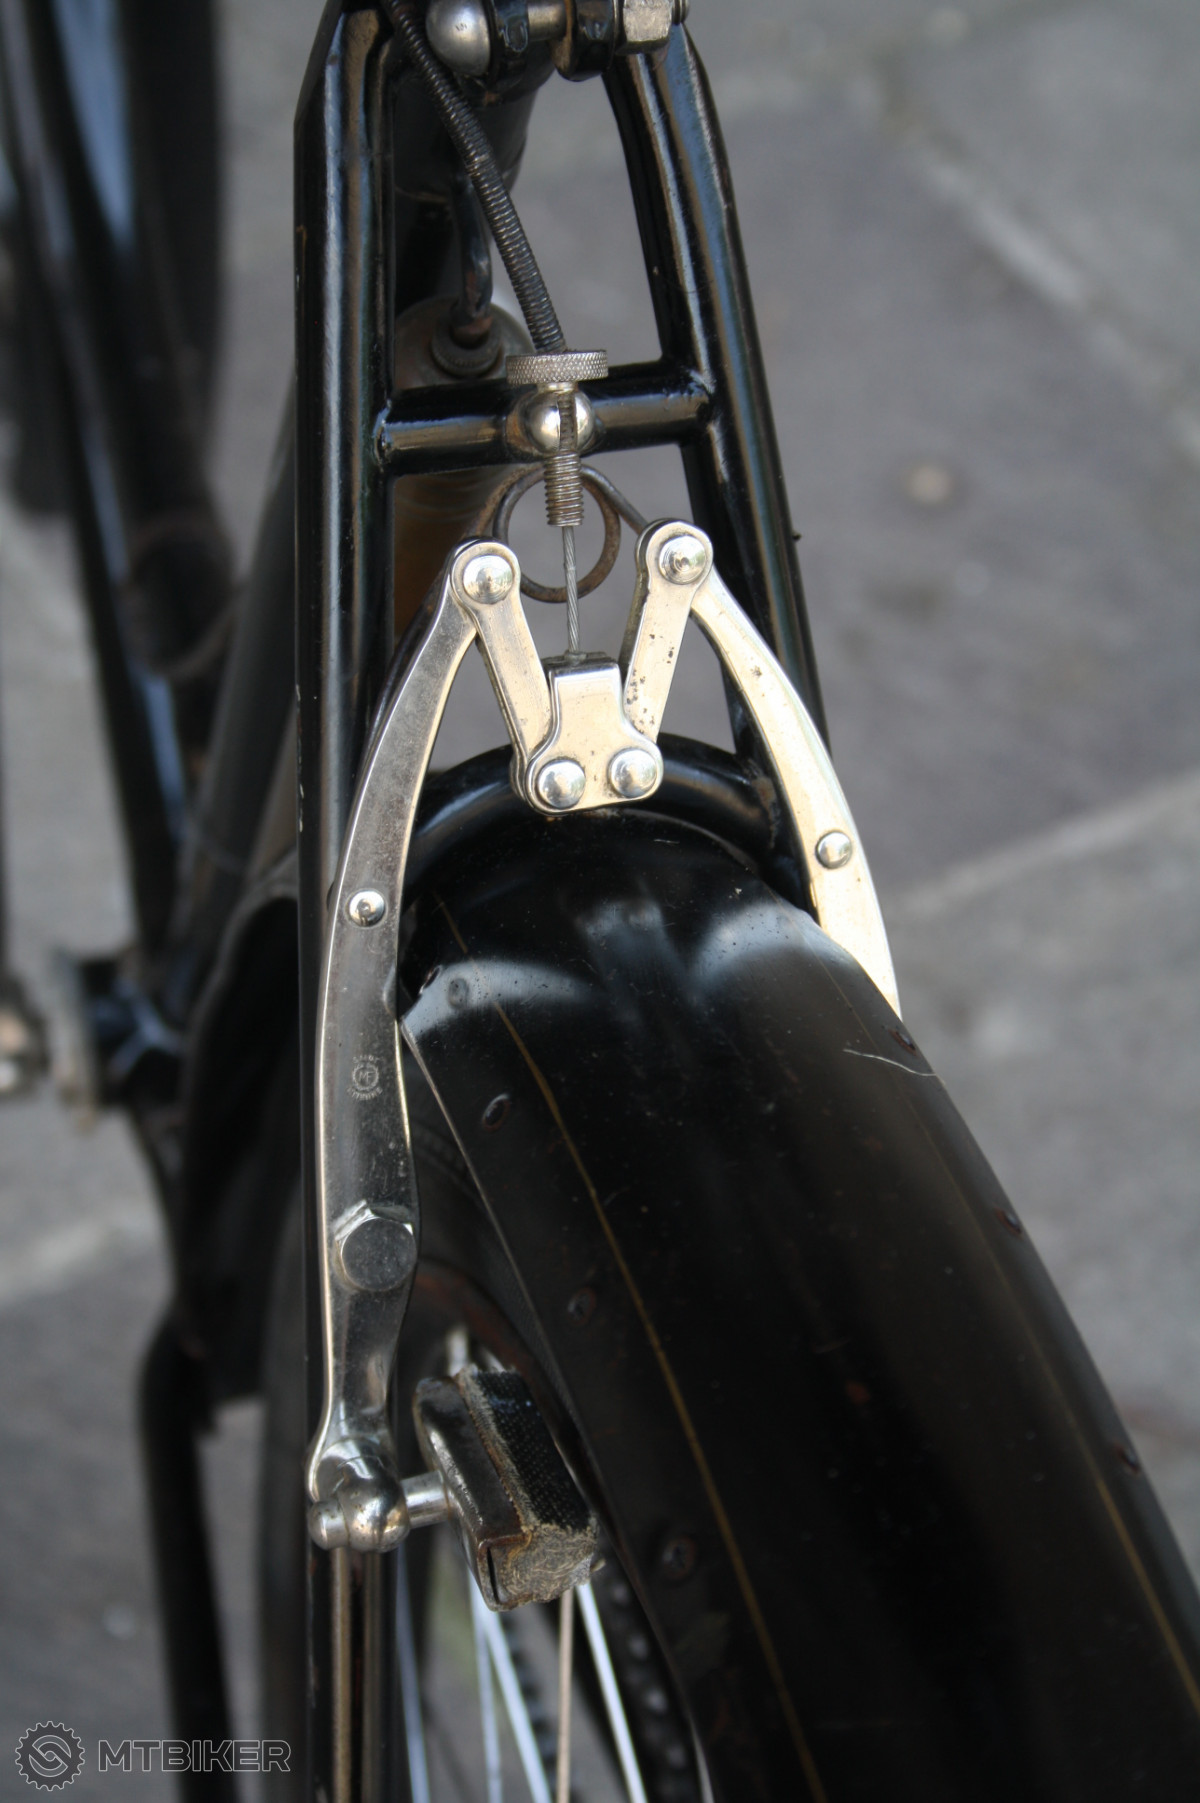 Zajímavý cantileverový mechanismus zadní brzdy